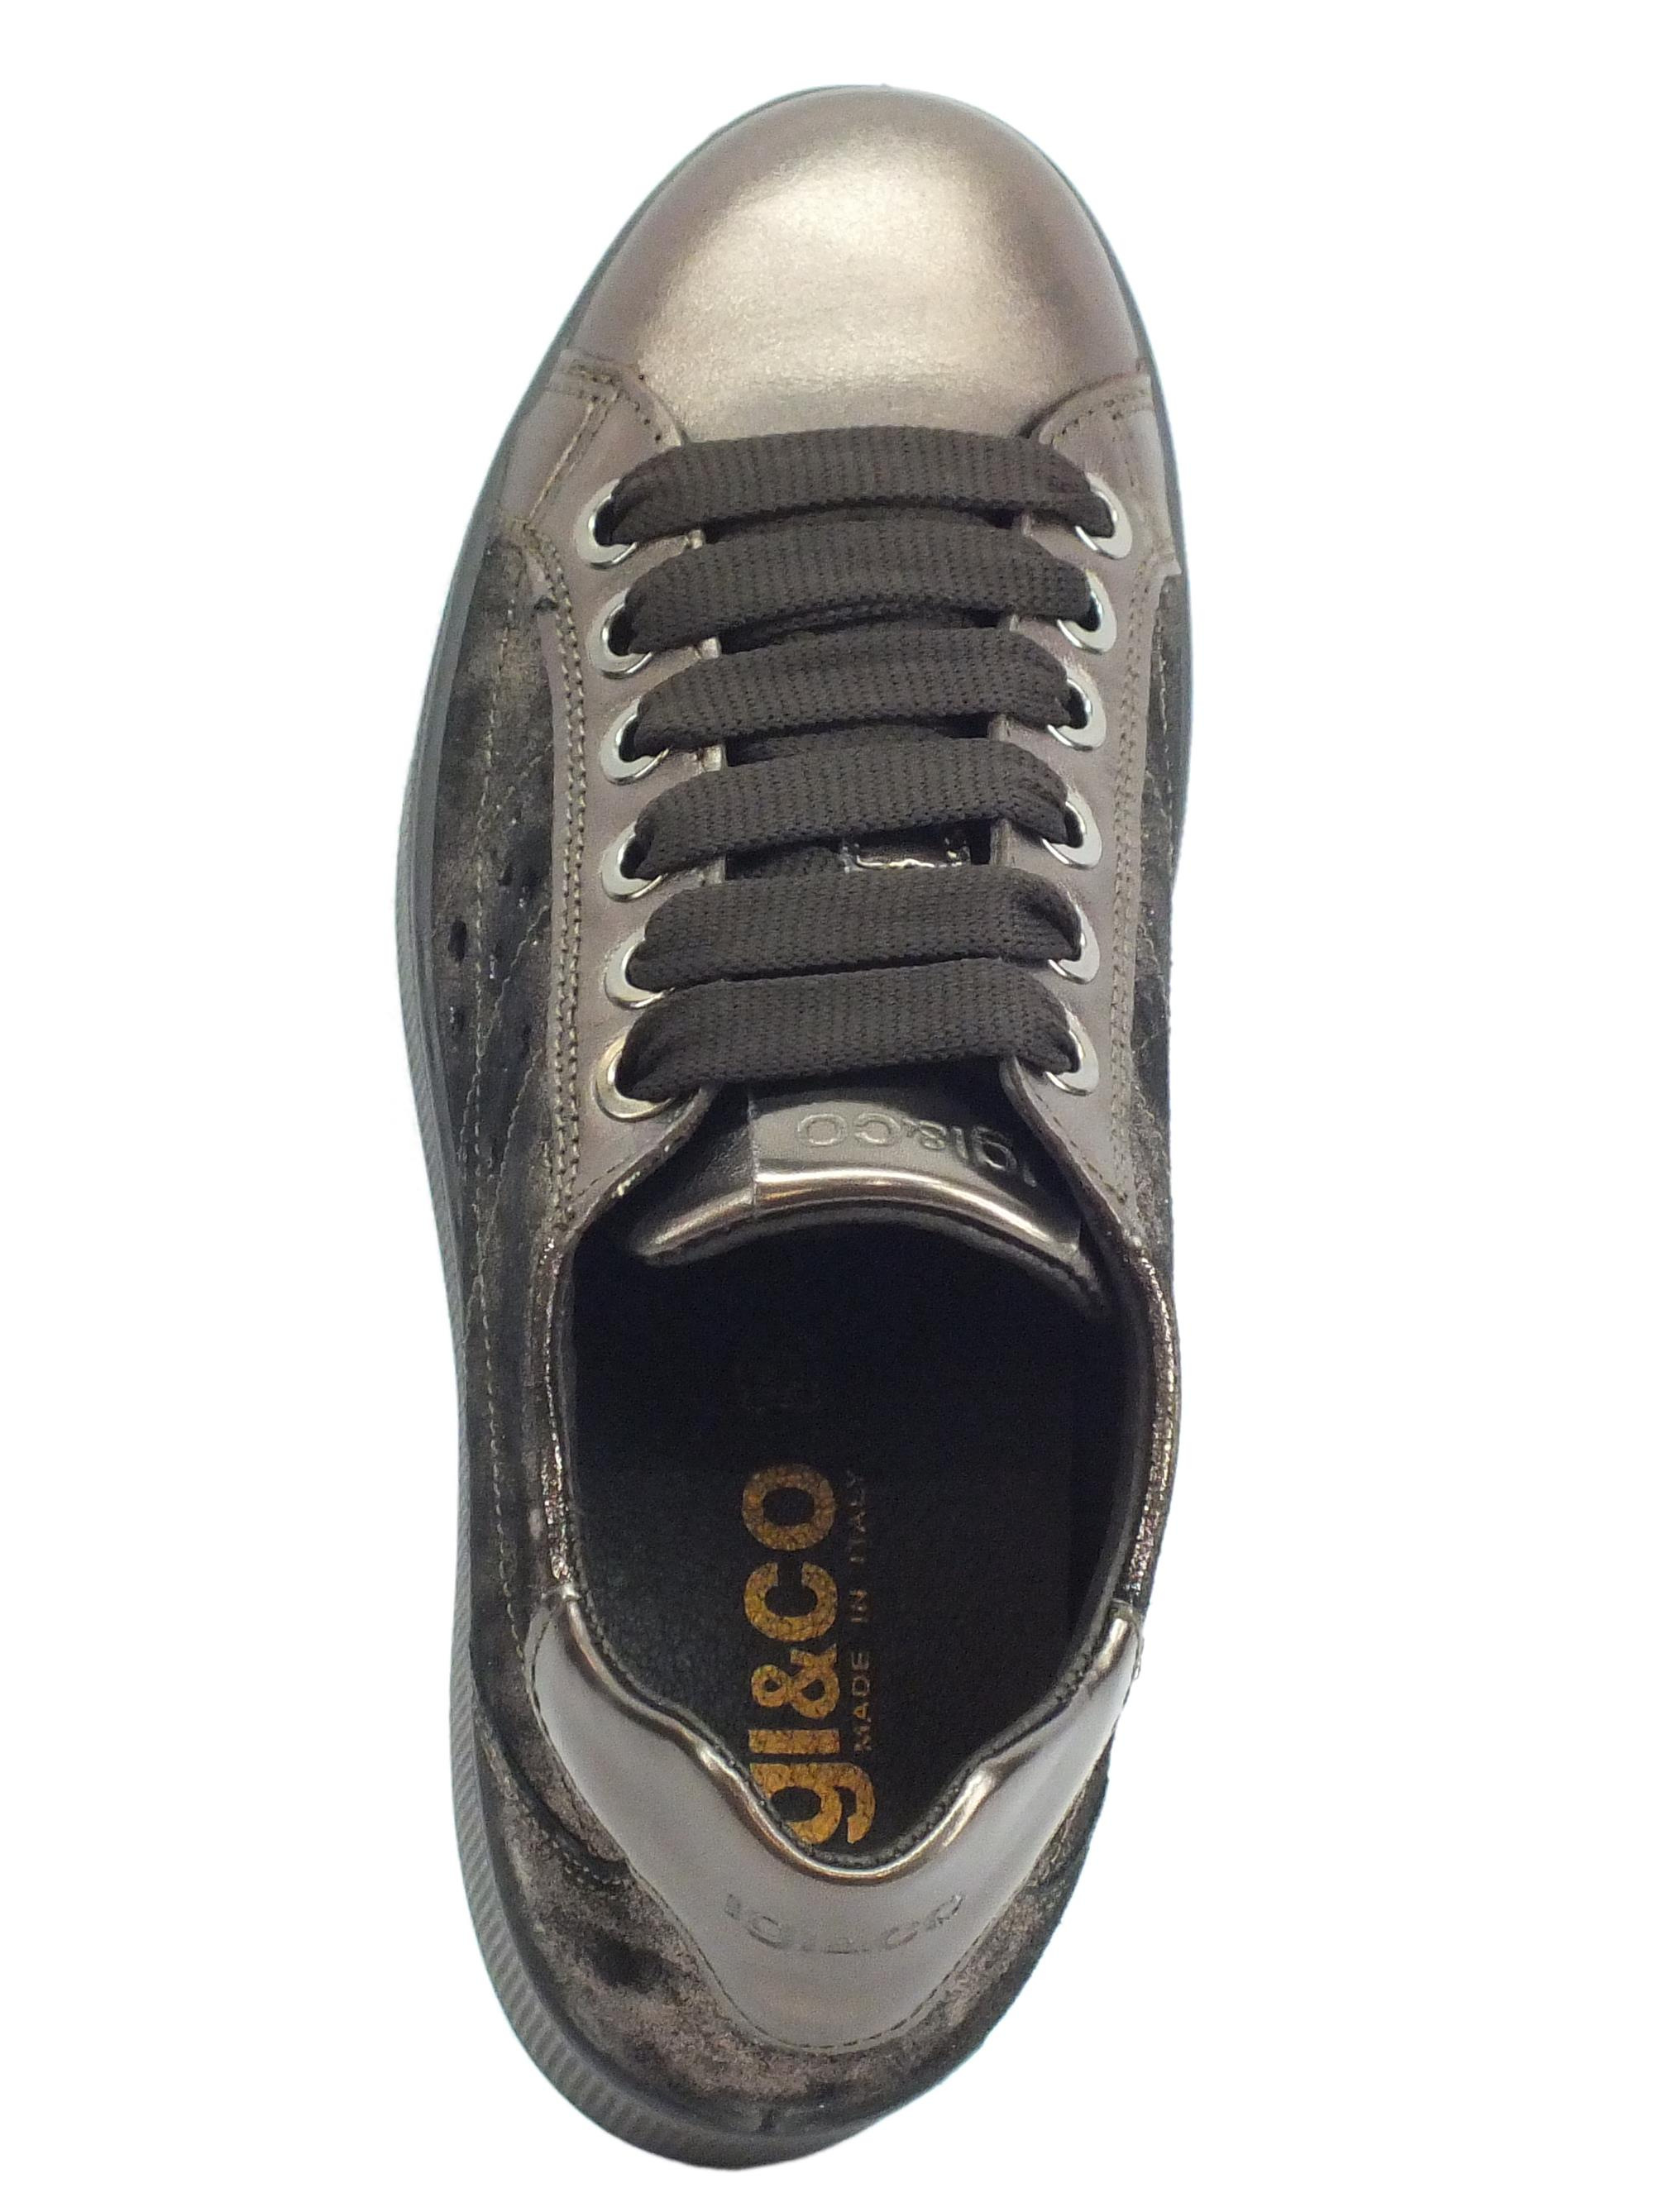 Igi&Co 4152244 Cap. Lam Cap Sneakers donna in pelle bronzo spazzolato nero con zeppa